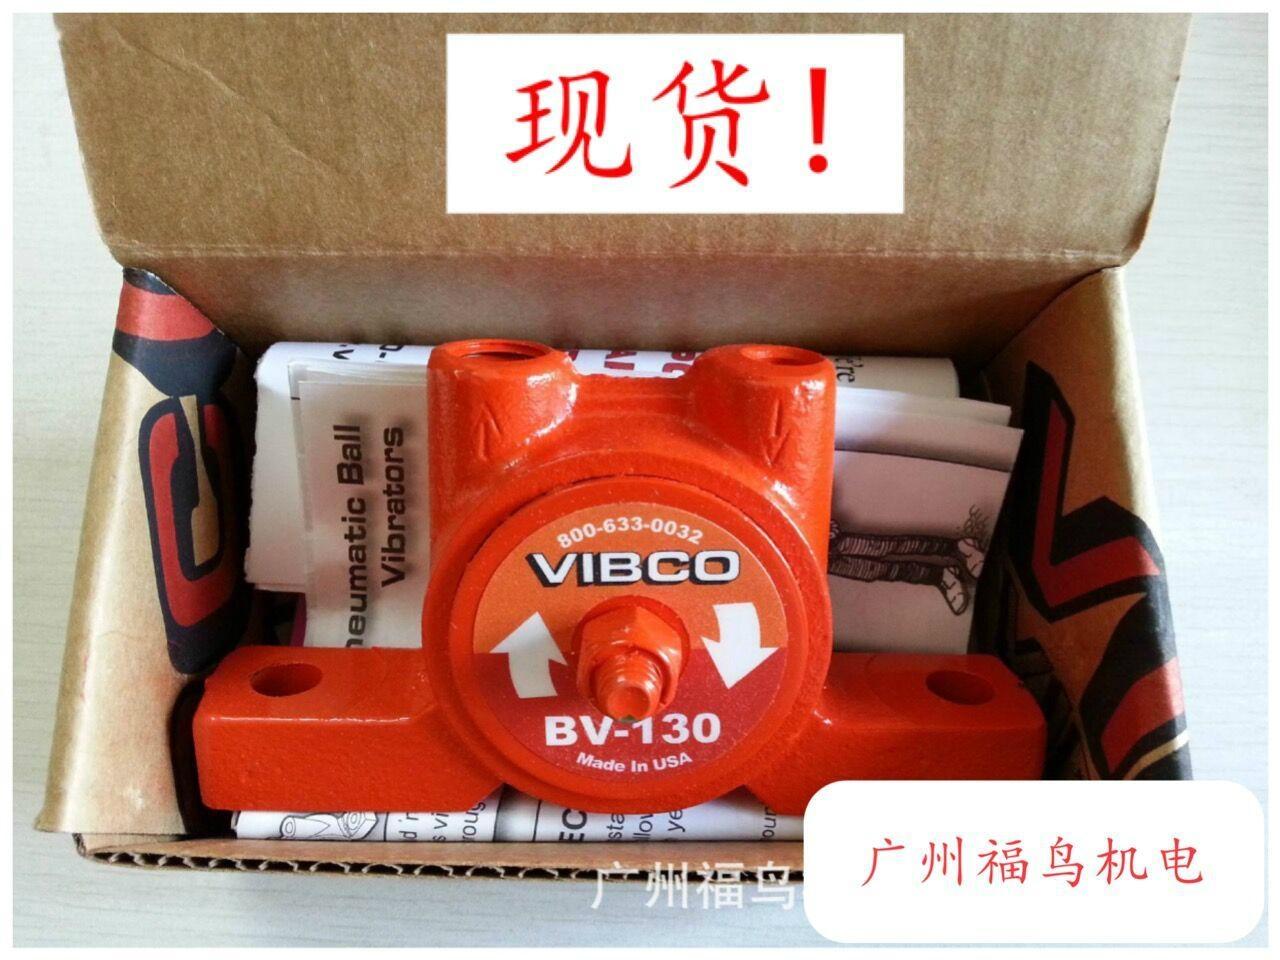 VIBCO振动器, 型号: BV-130